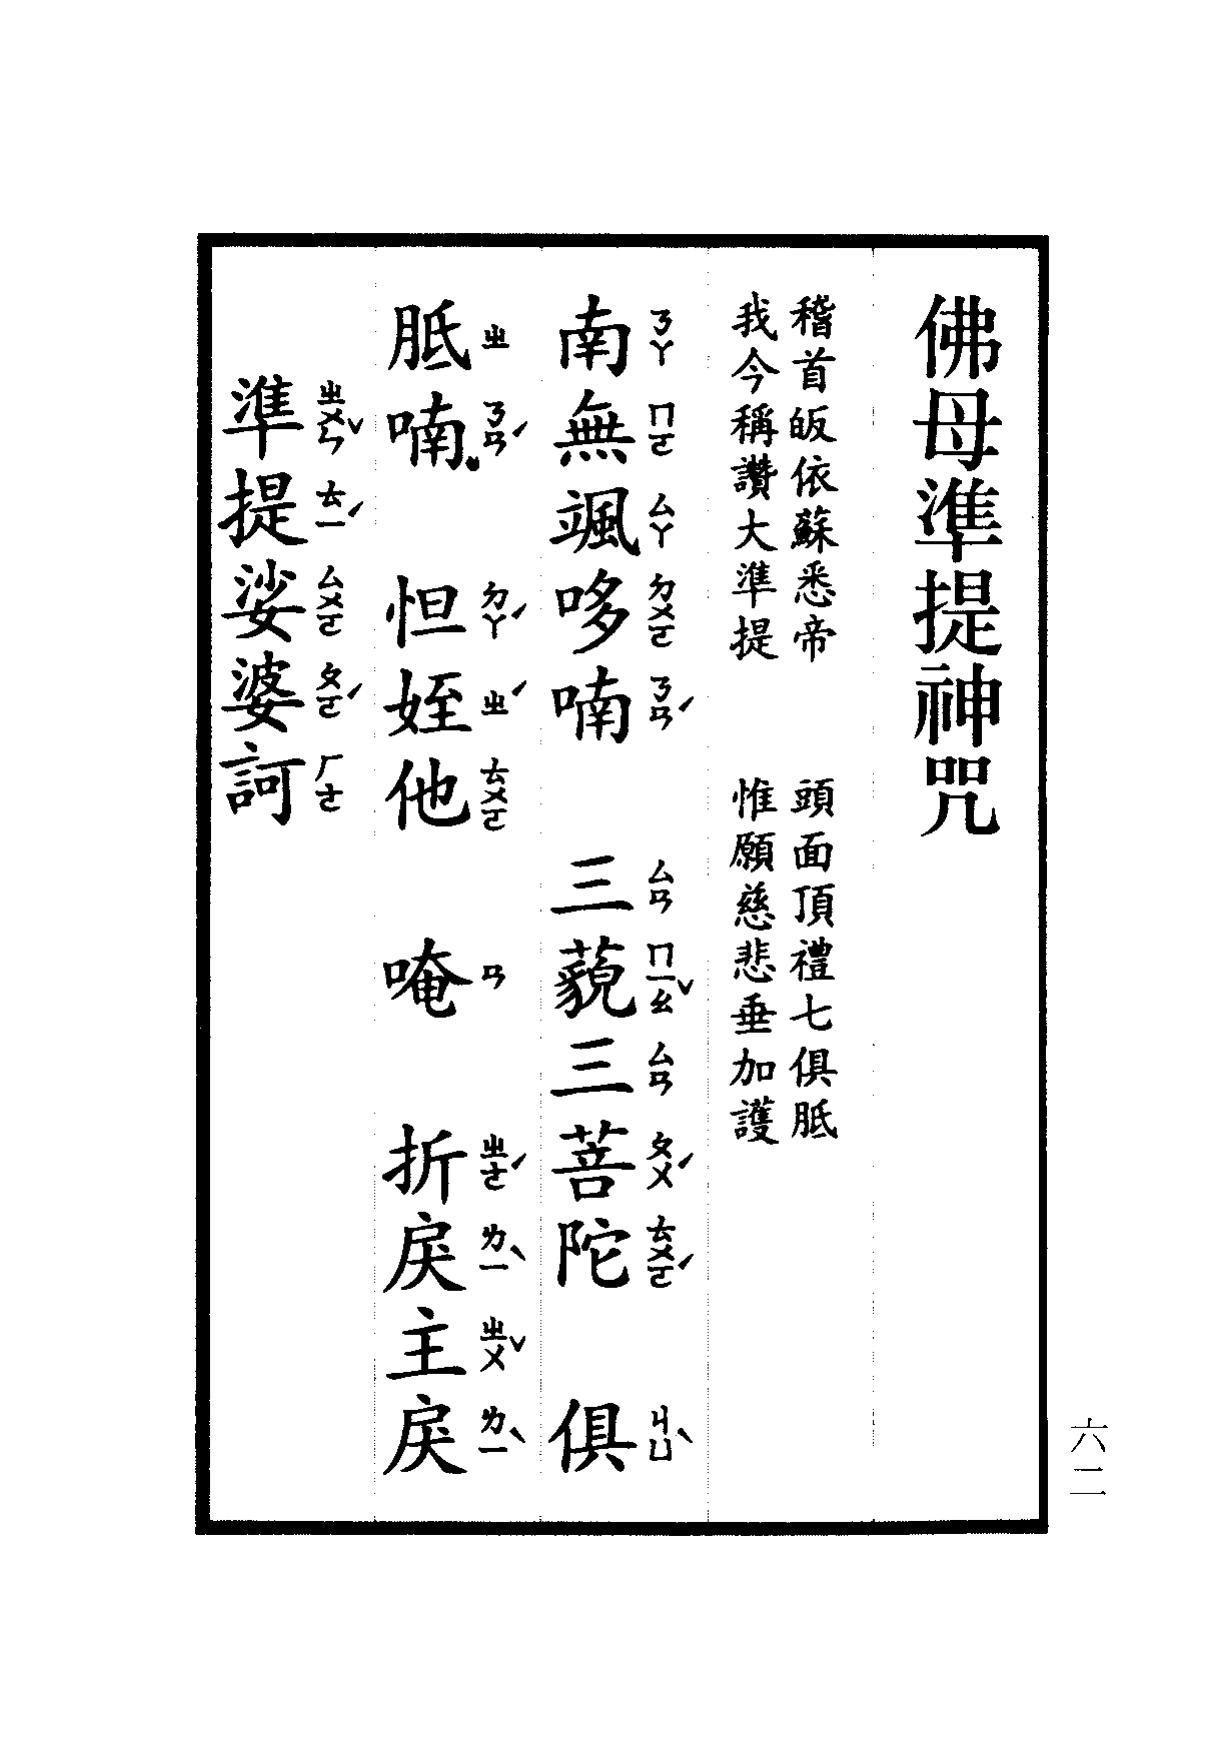 楞嚴咒-大悲咒-十小咒-易背本 68.png